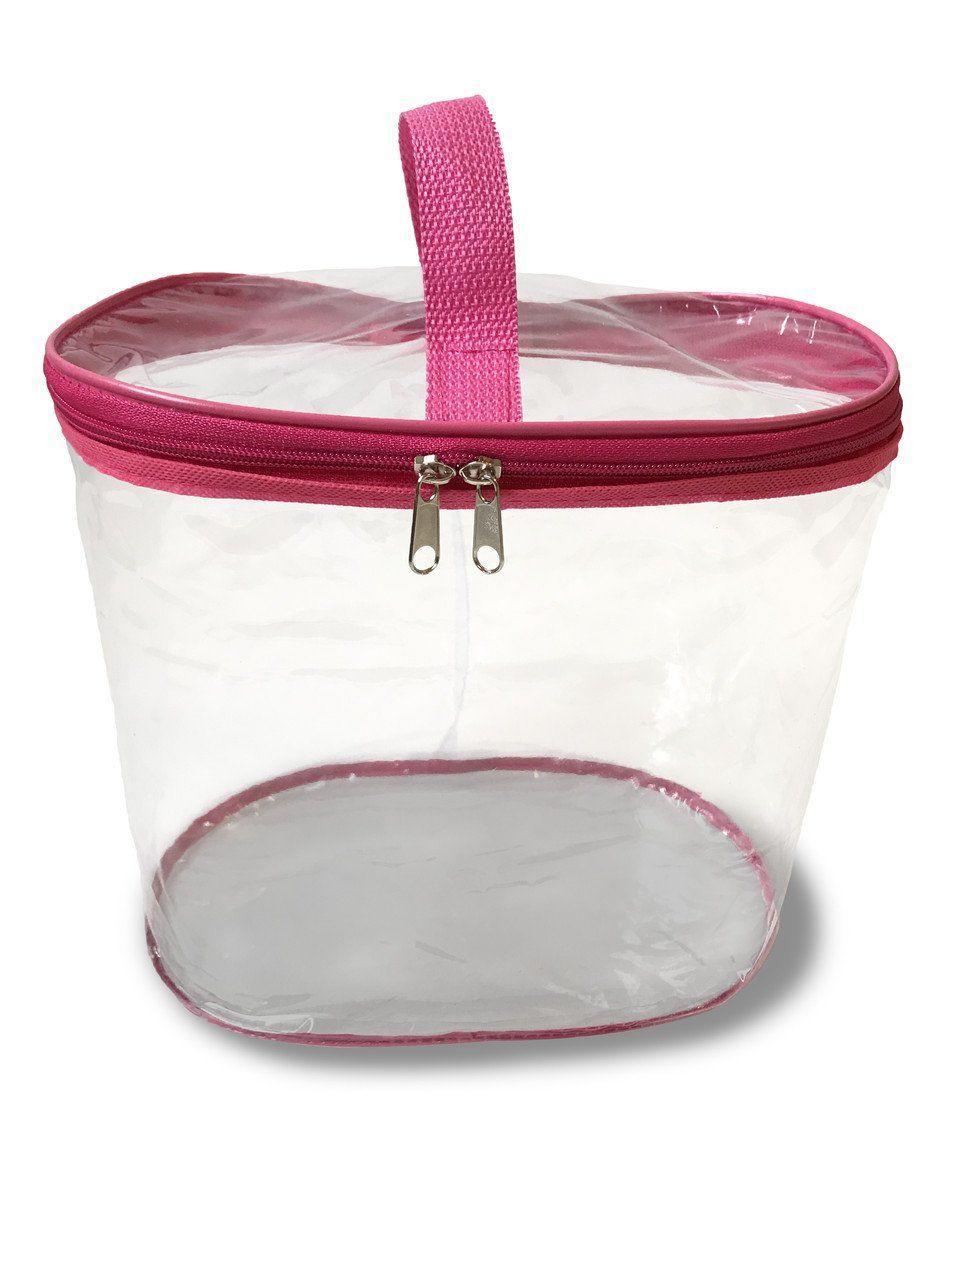 Сумка-органайзер прозрачная в роддом Mommy Bag, цвет - Розовый